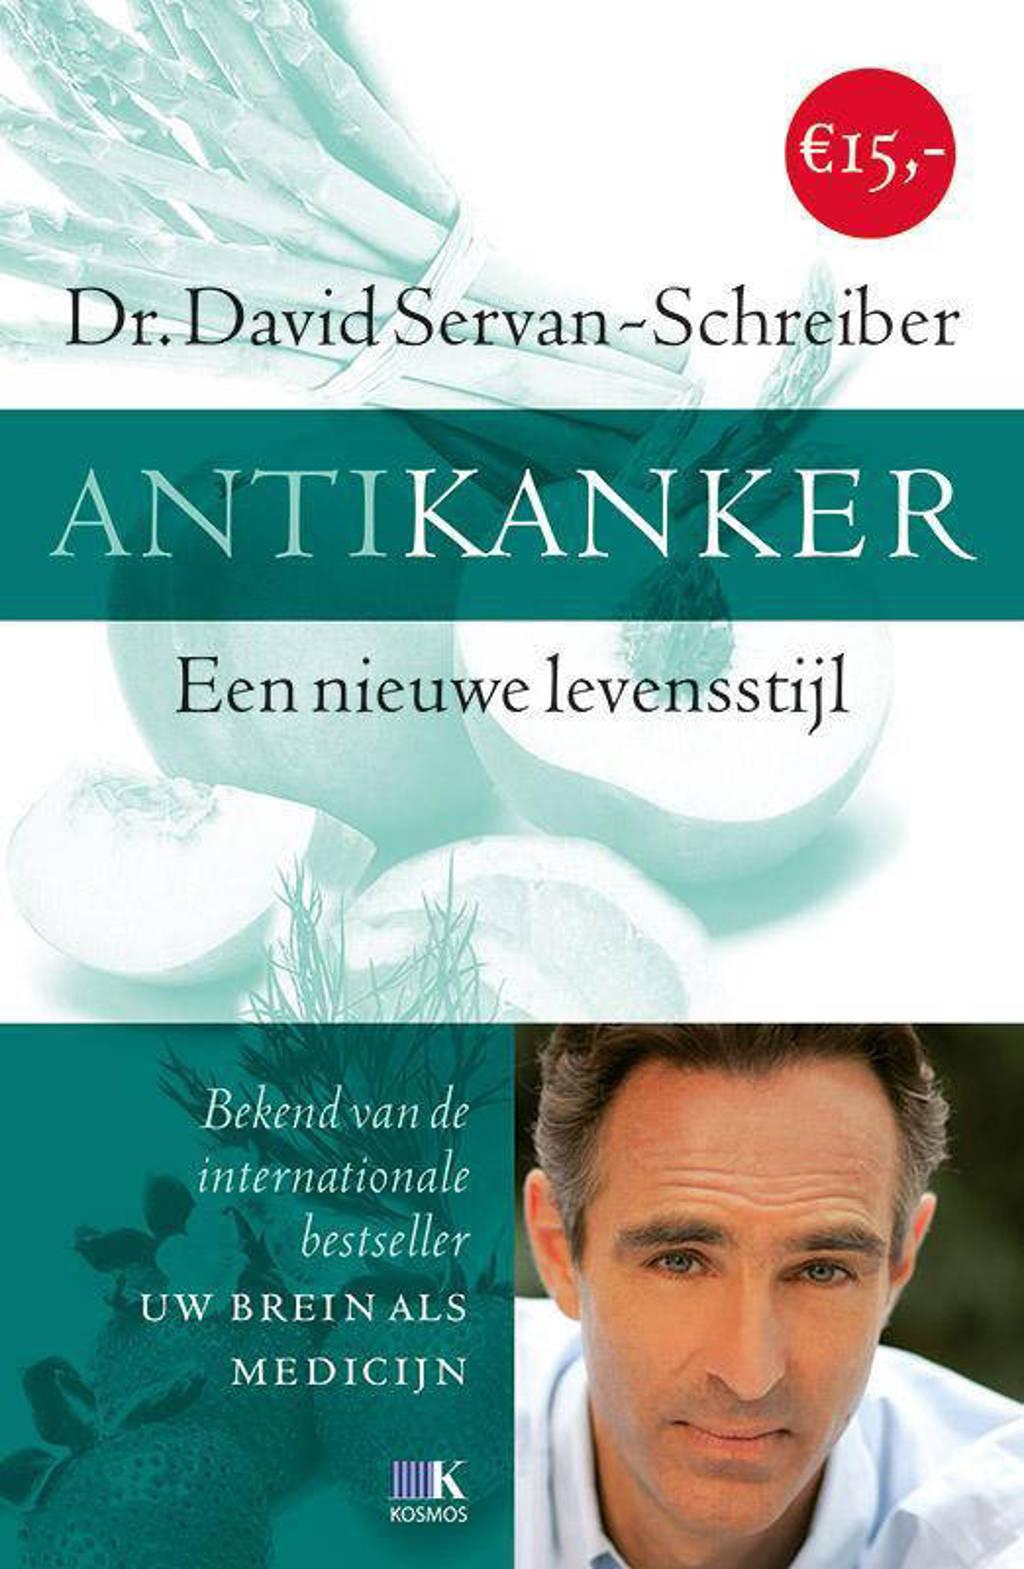 Antikanker - David Servan-Schreiber